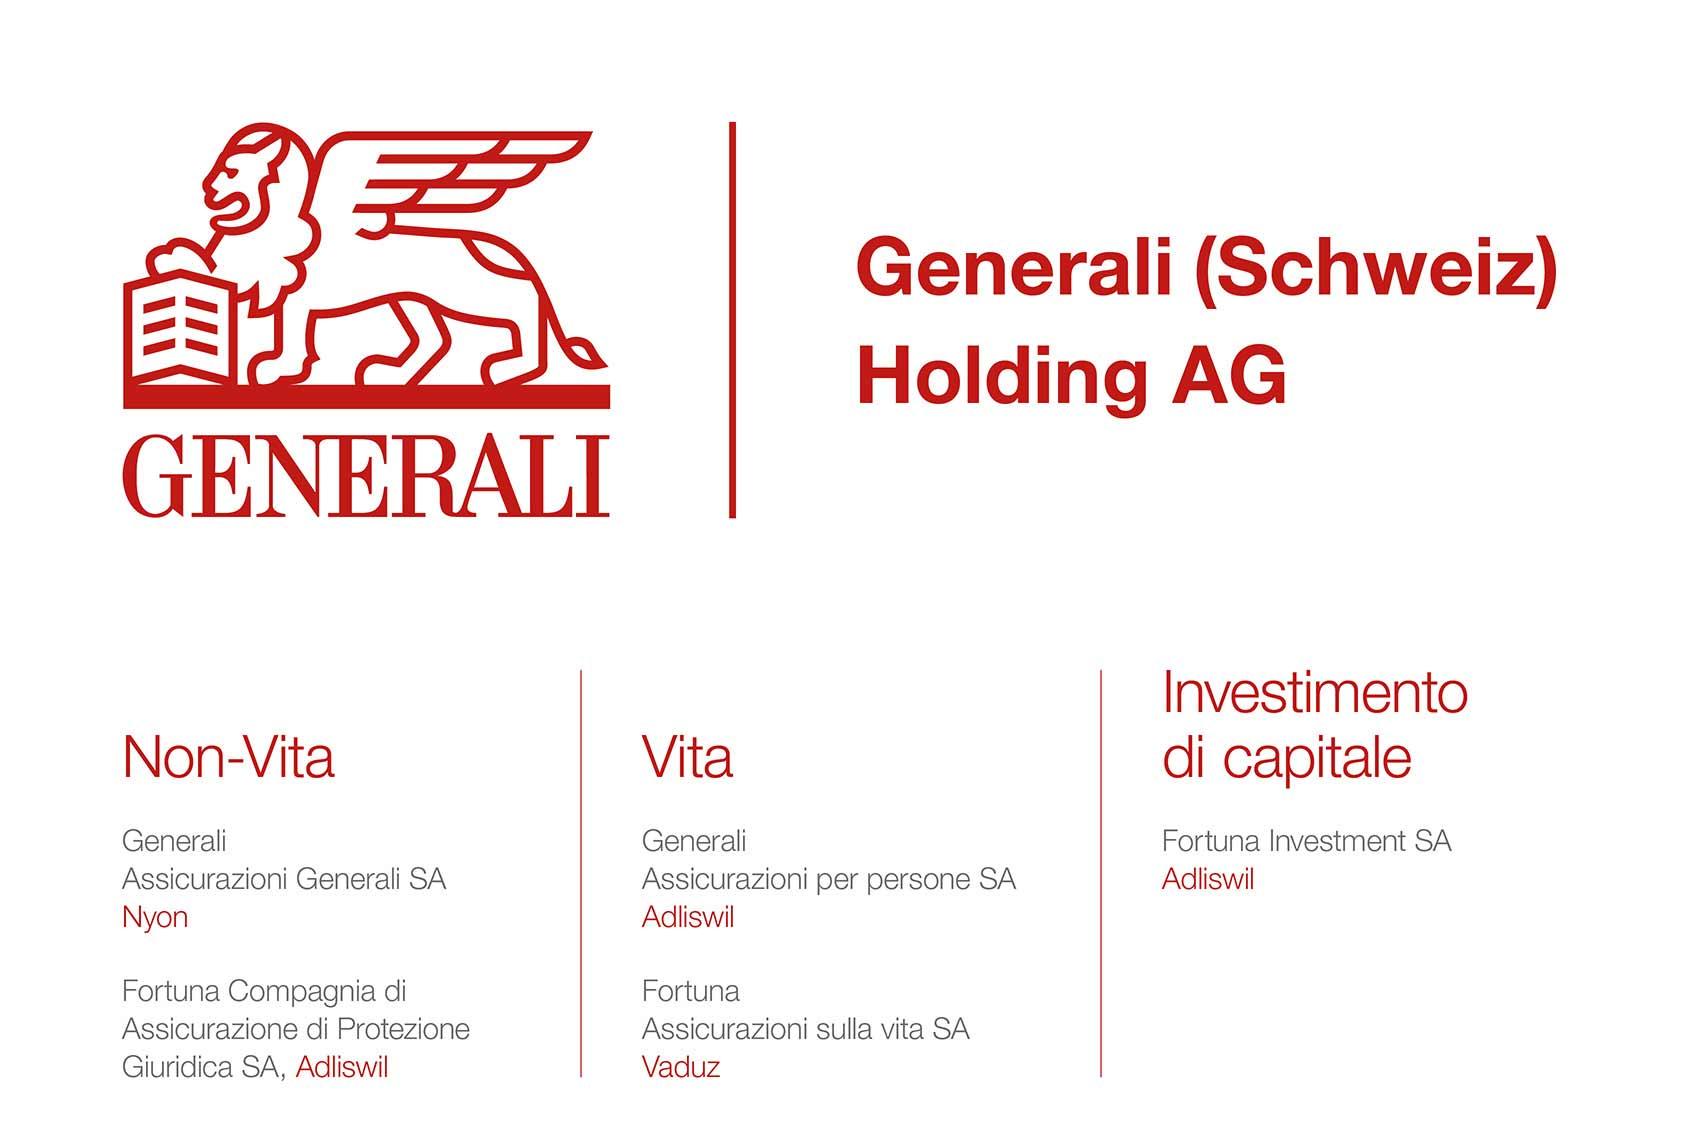 Il Gruppo Generali Svizzera ¨ costituito da varie pagnie di assicurazione Vita e Non vita e da una societ di gestione di fondi